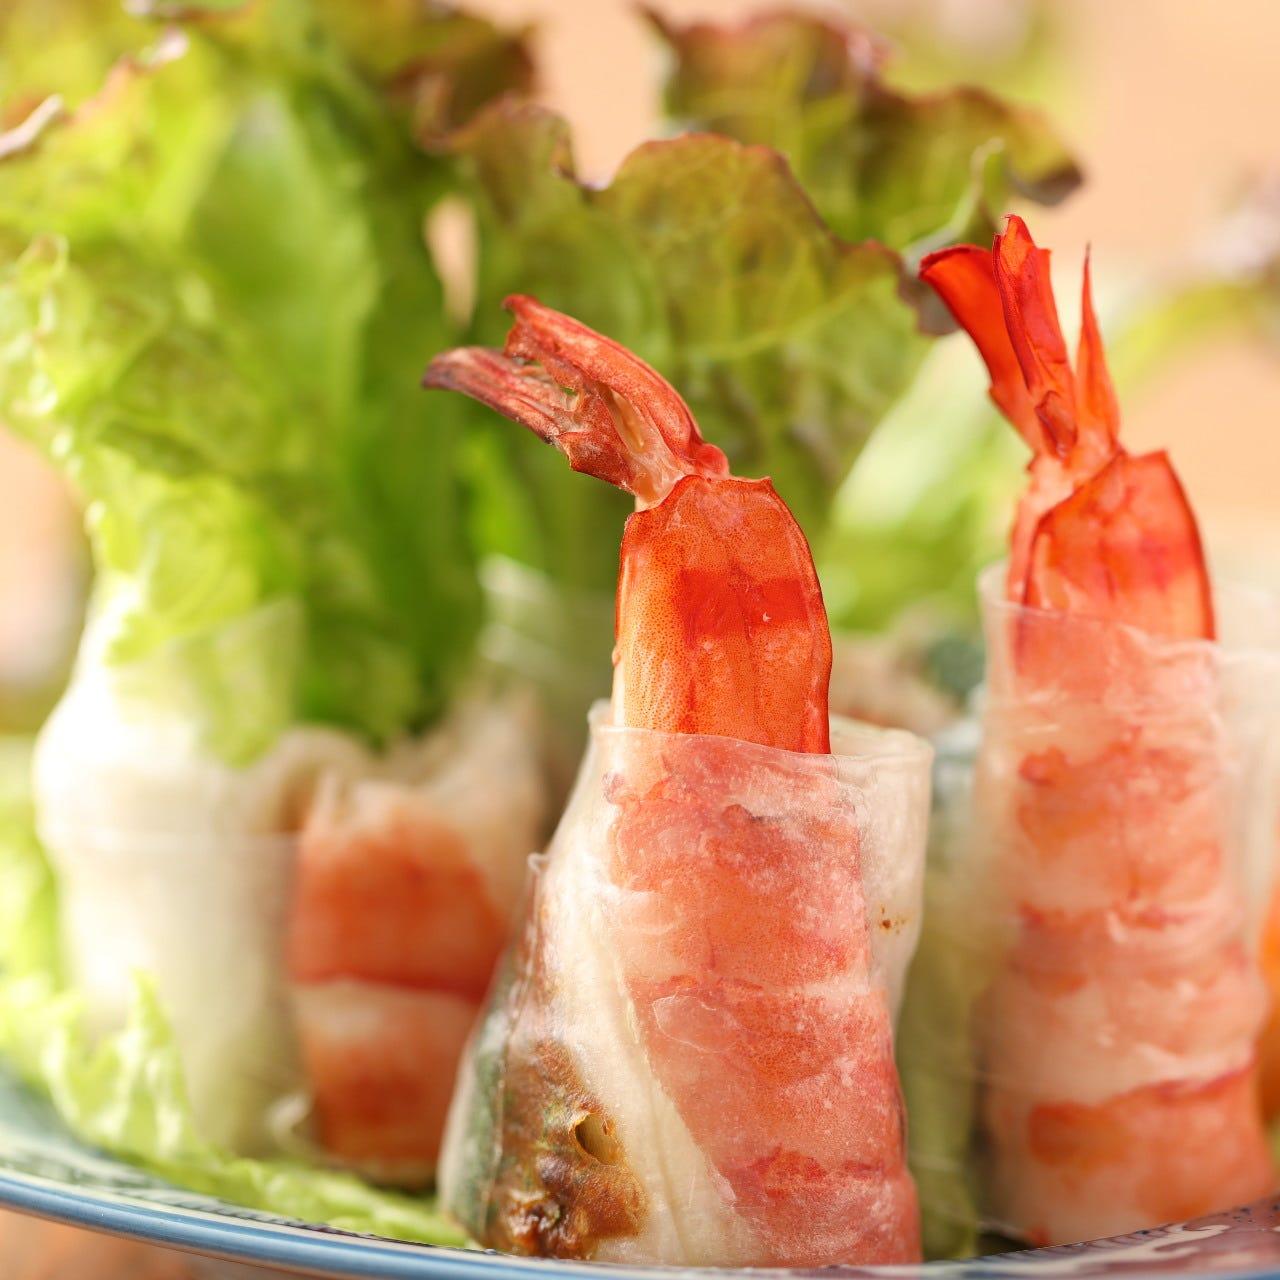 【女子会コース ビアホイ】スパークリング含む飲放題付!鶏もも肉の5種のスパイスグリル含む全6品